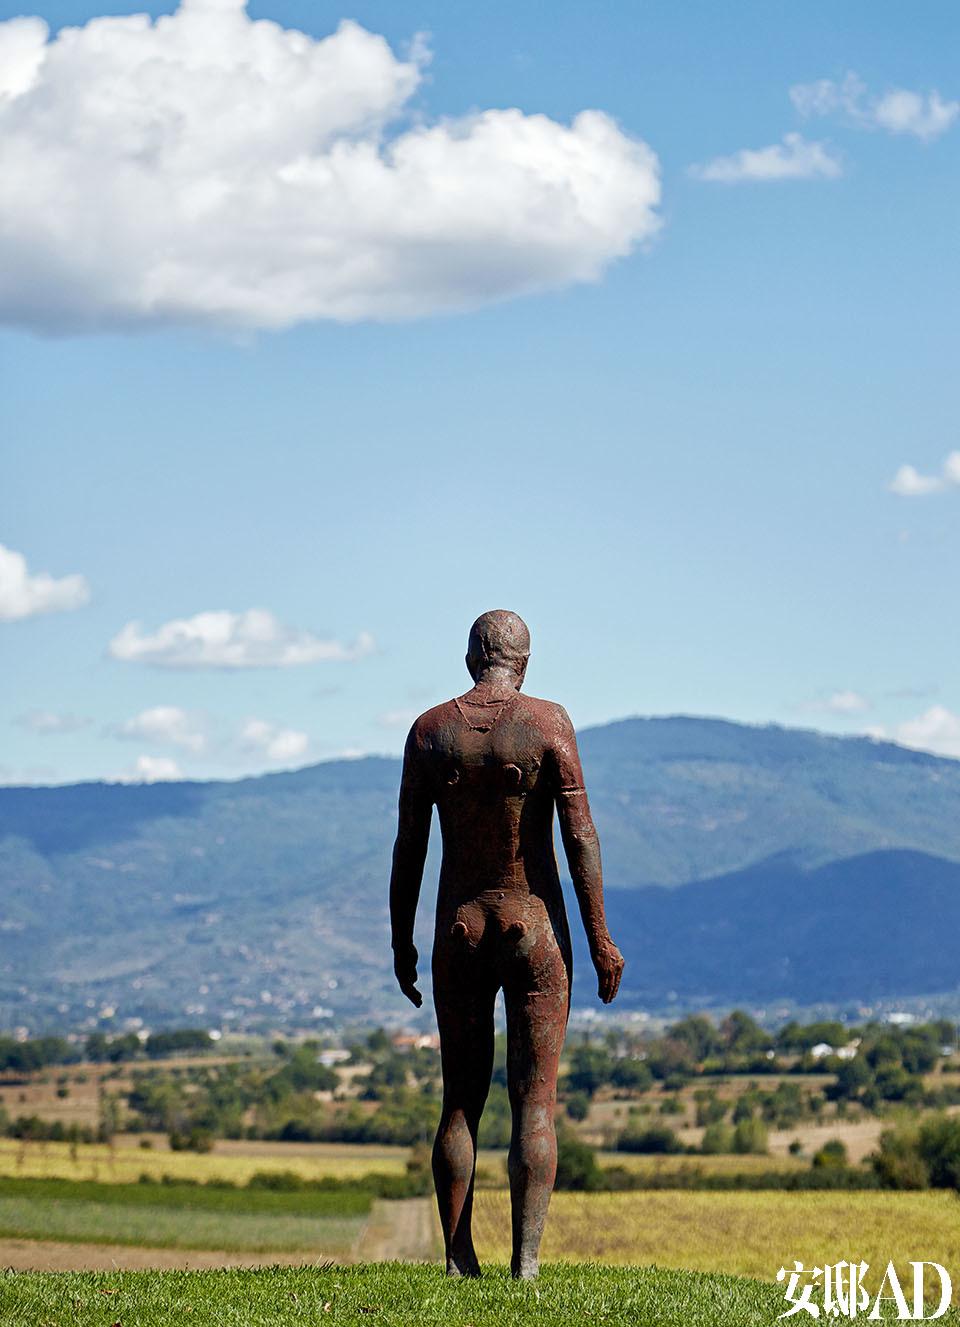 英国艺术家Antony Gormley的雕塑作品的不同视角。远处的风光可以看见托斯卡纳城市 Cortona。